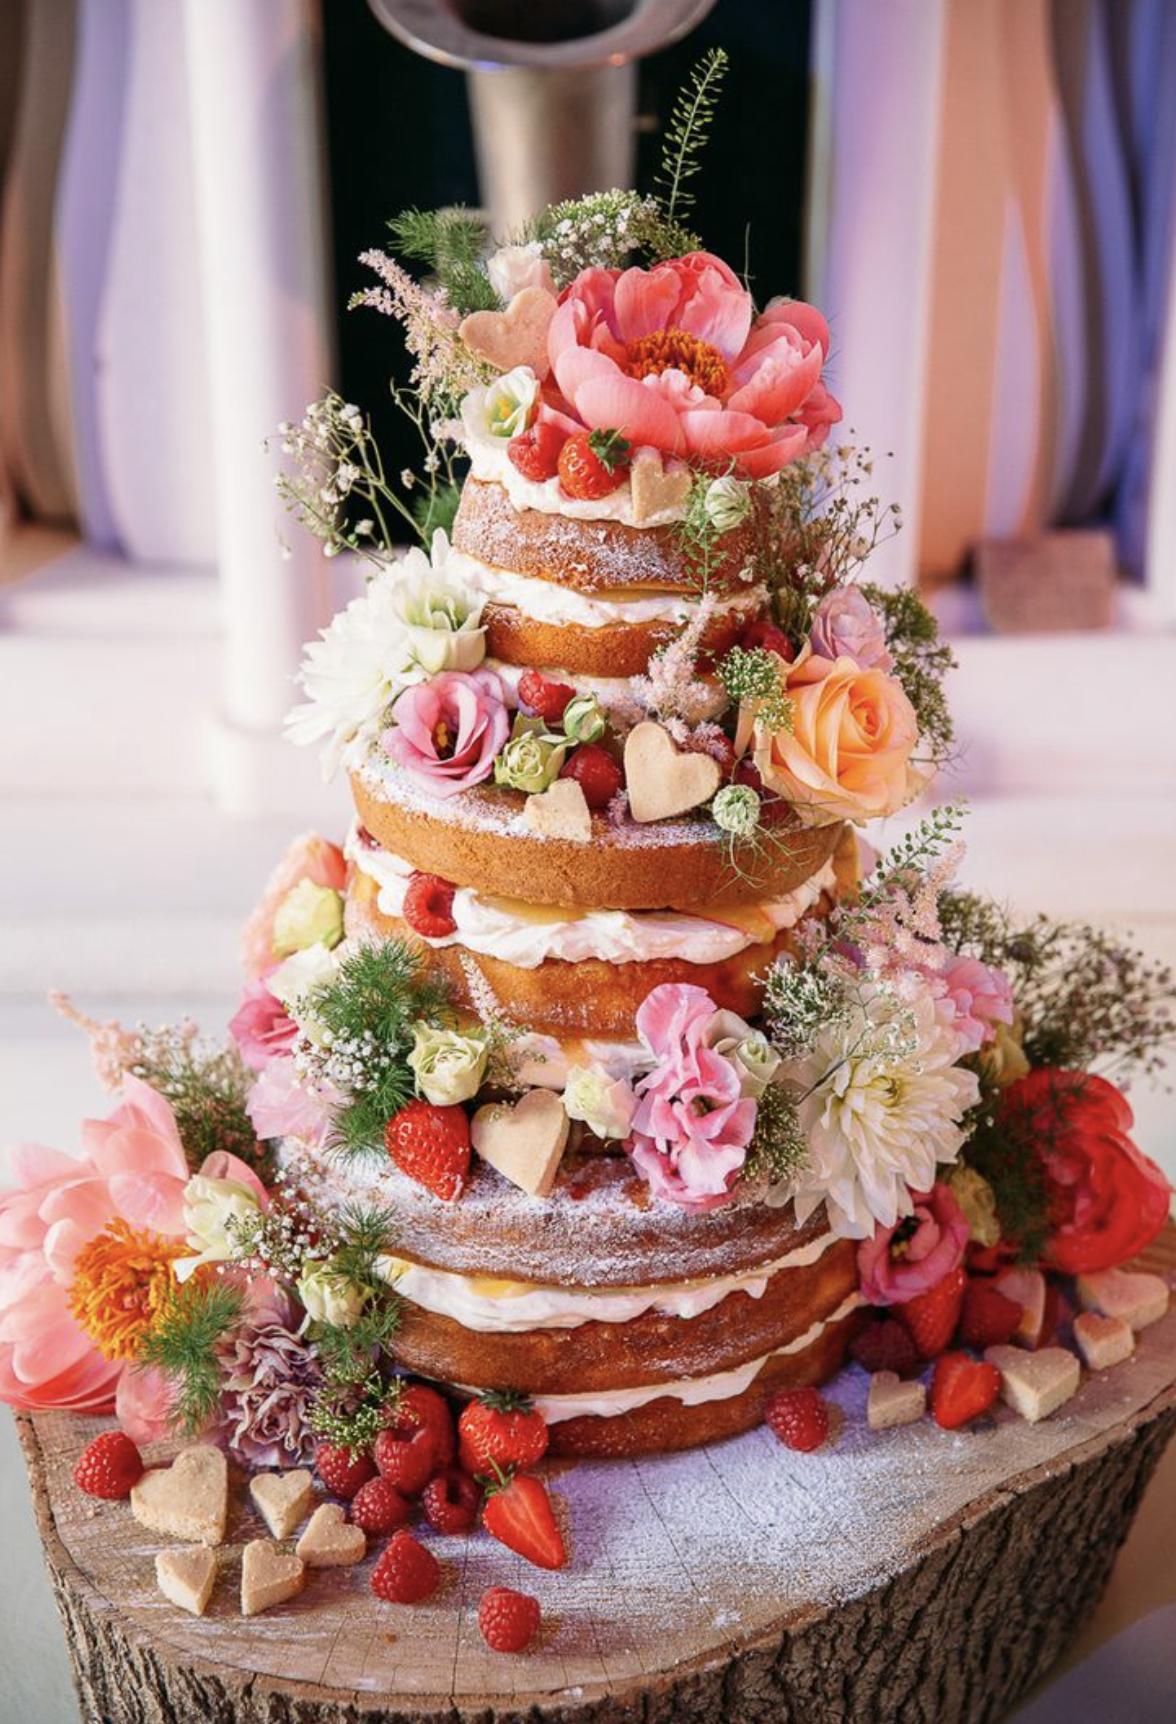 Bryllupskage med chokolade- og jordbærcreme